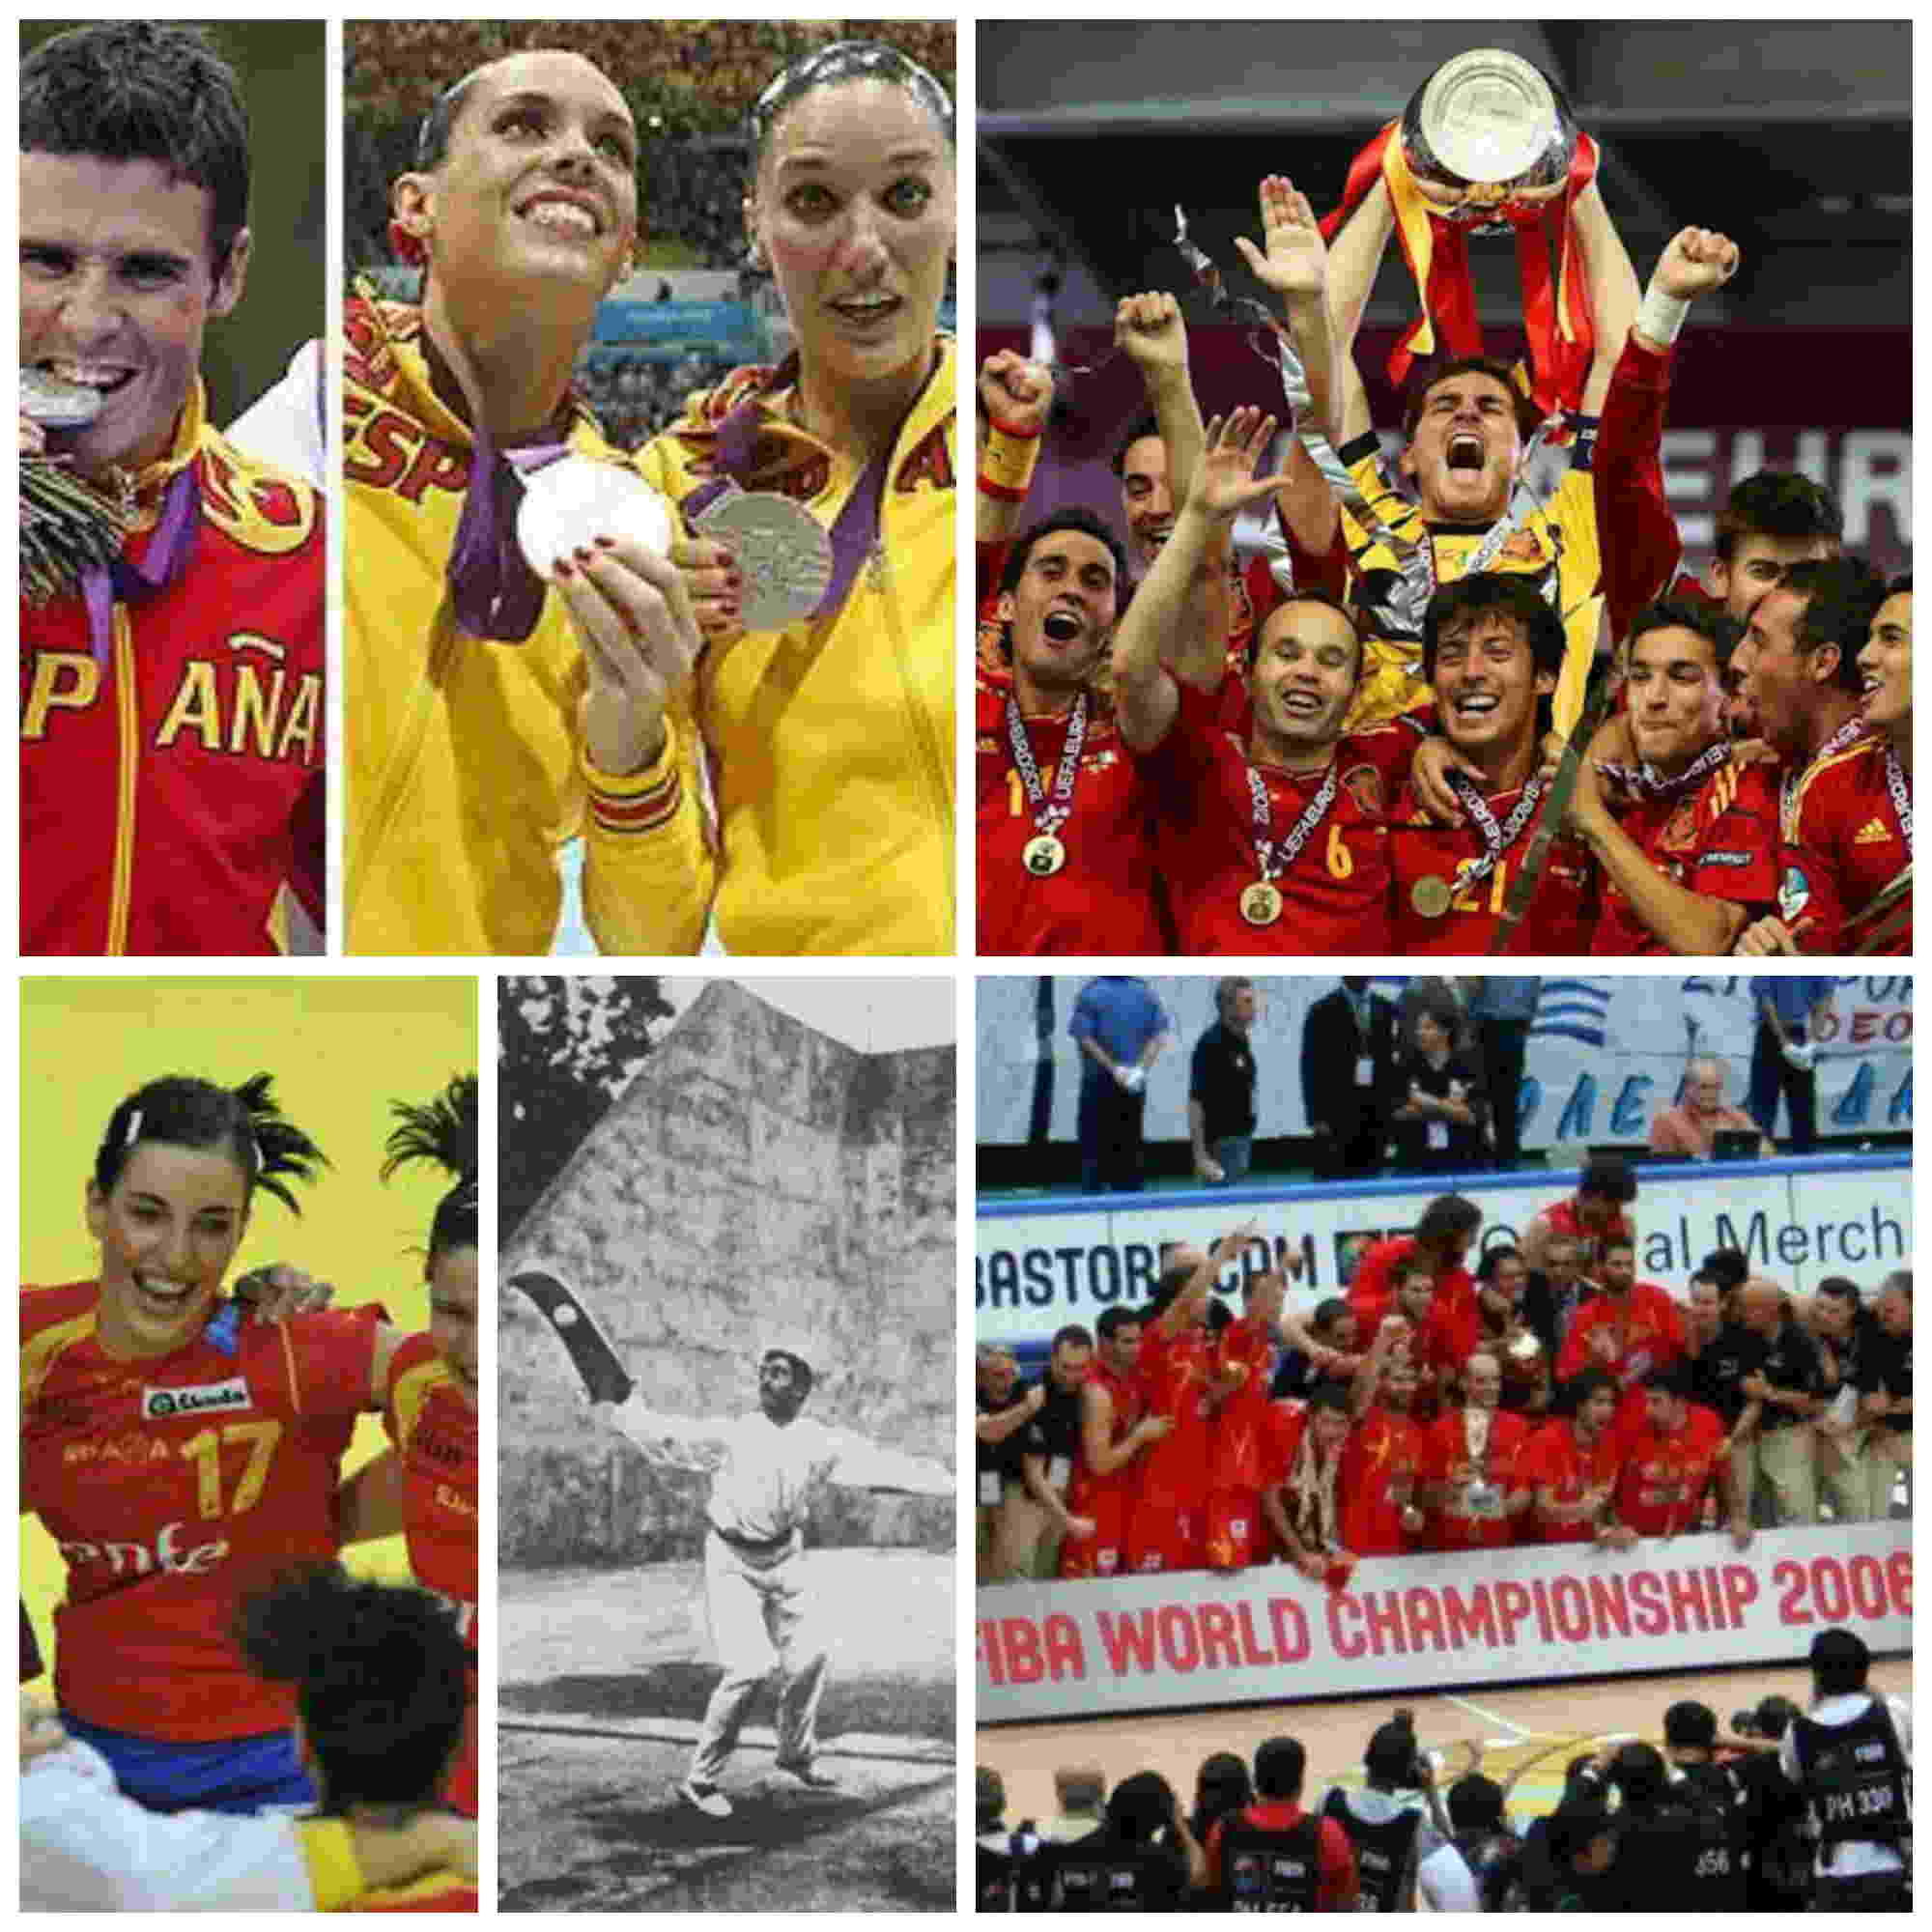 Historia de los deportes en España